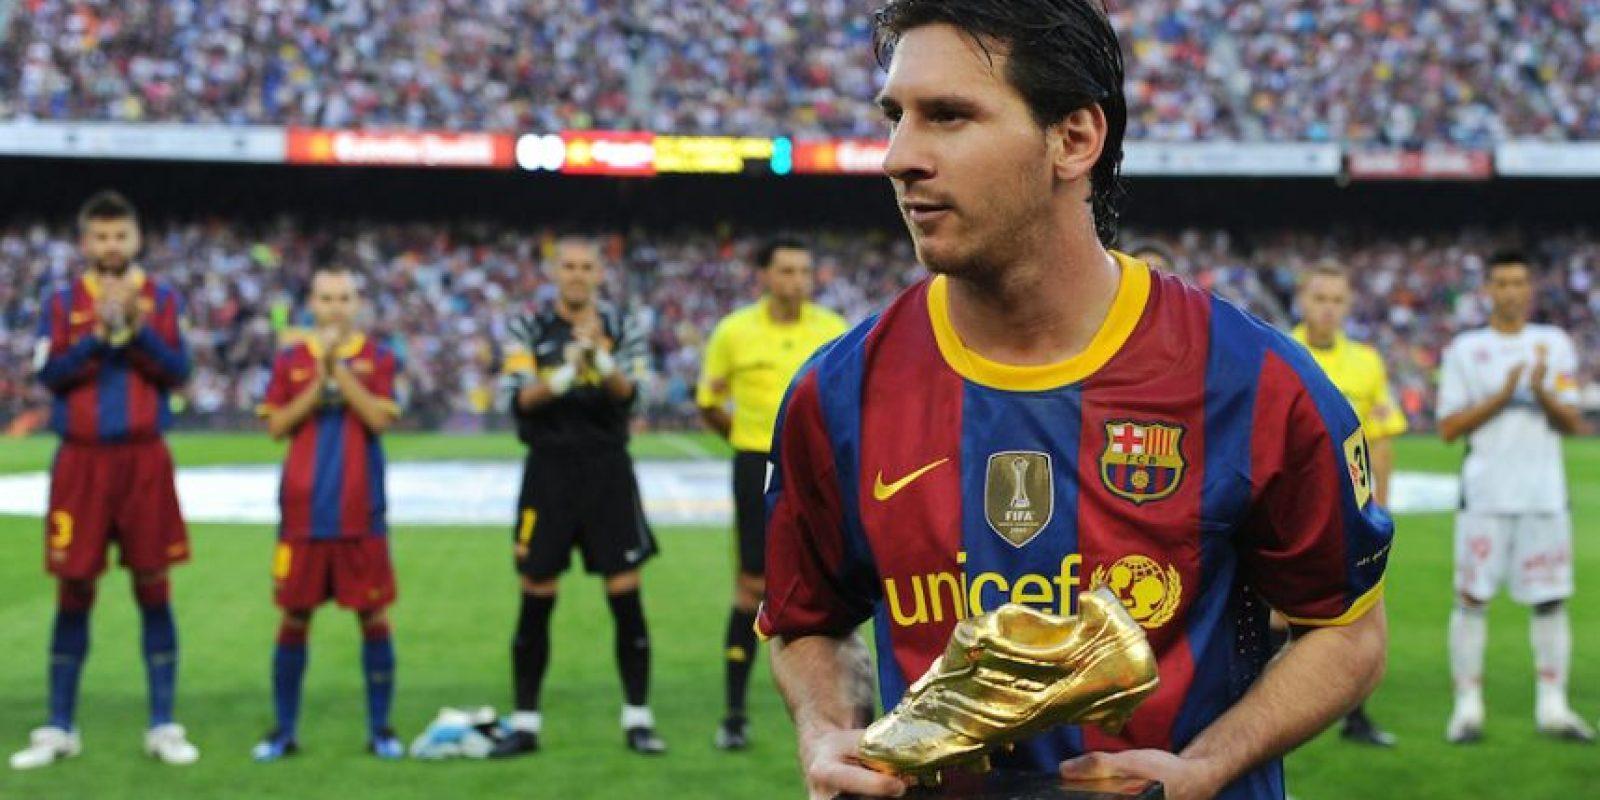 Leo recibiendo la Bota de Oro en 2010. Foto:Getty Images